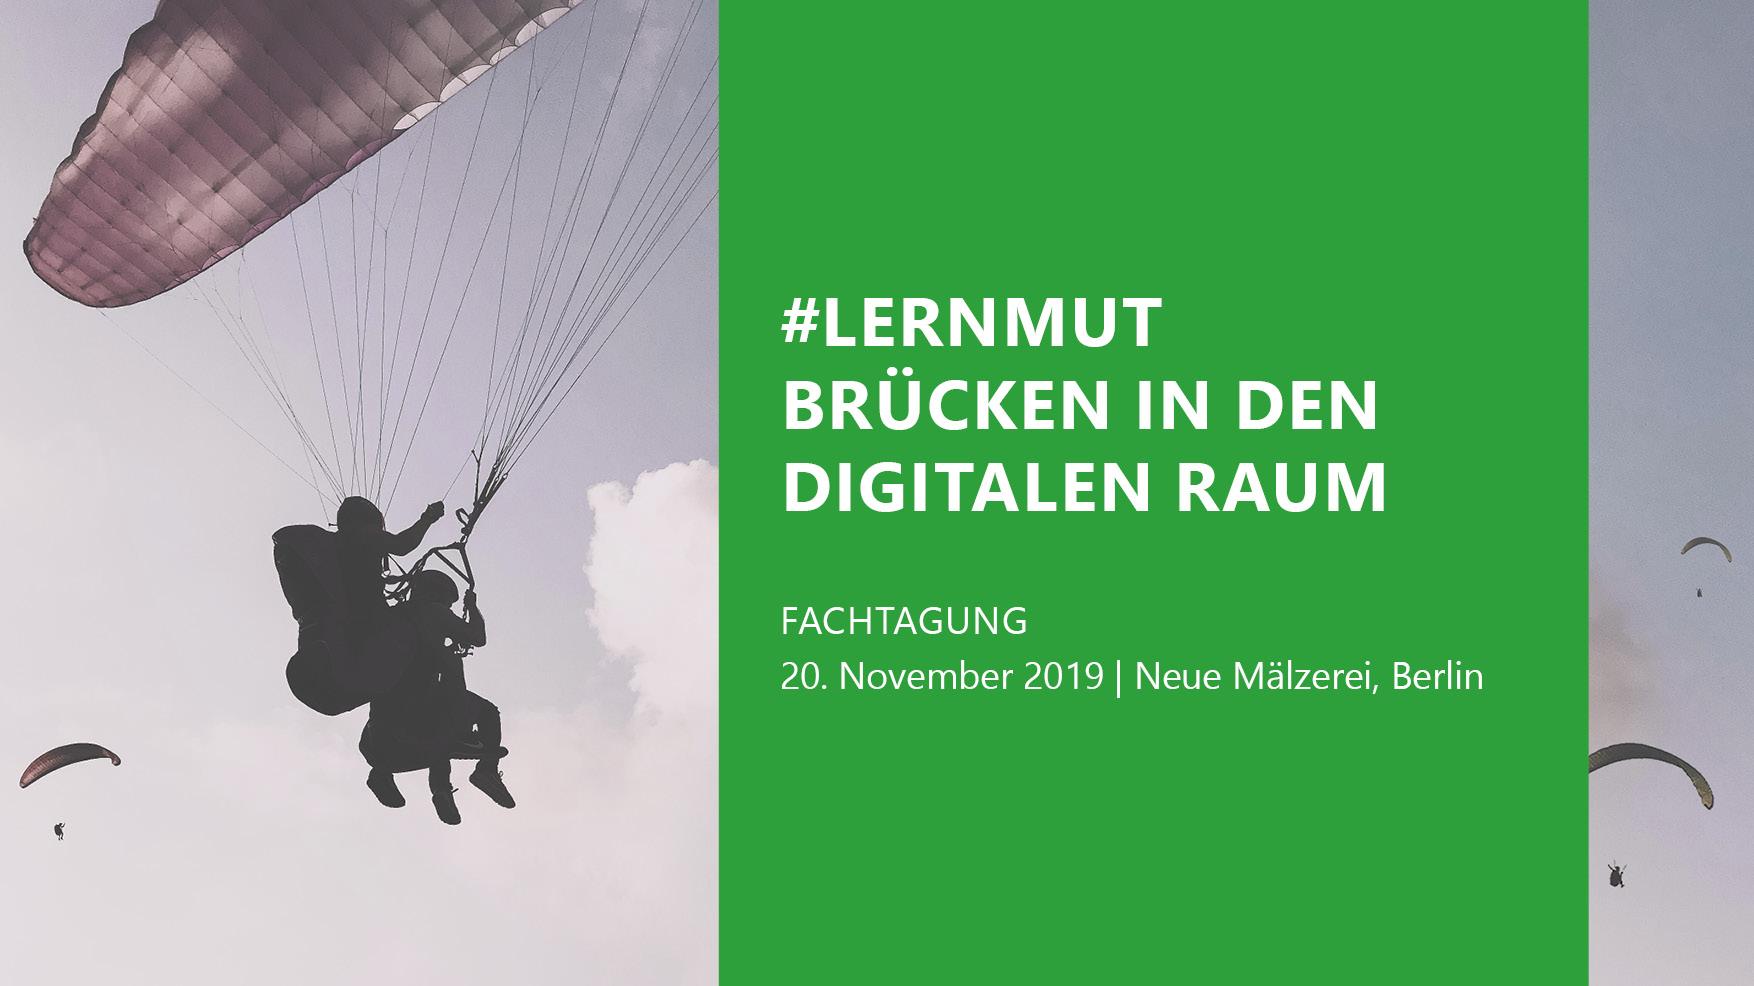 Fachtagung: #Lernmut – Brücken in den digitalen Raum